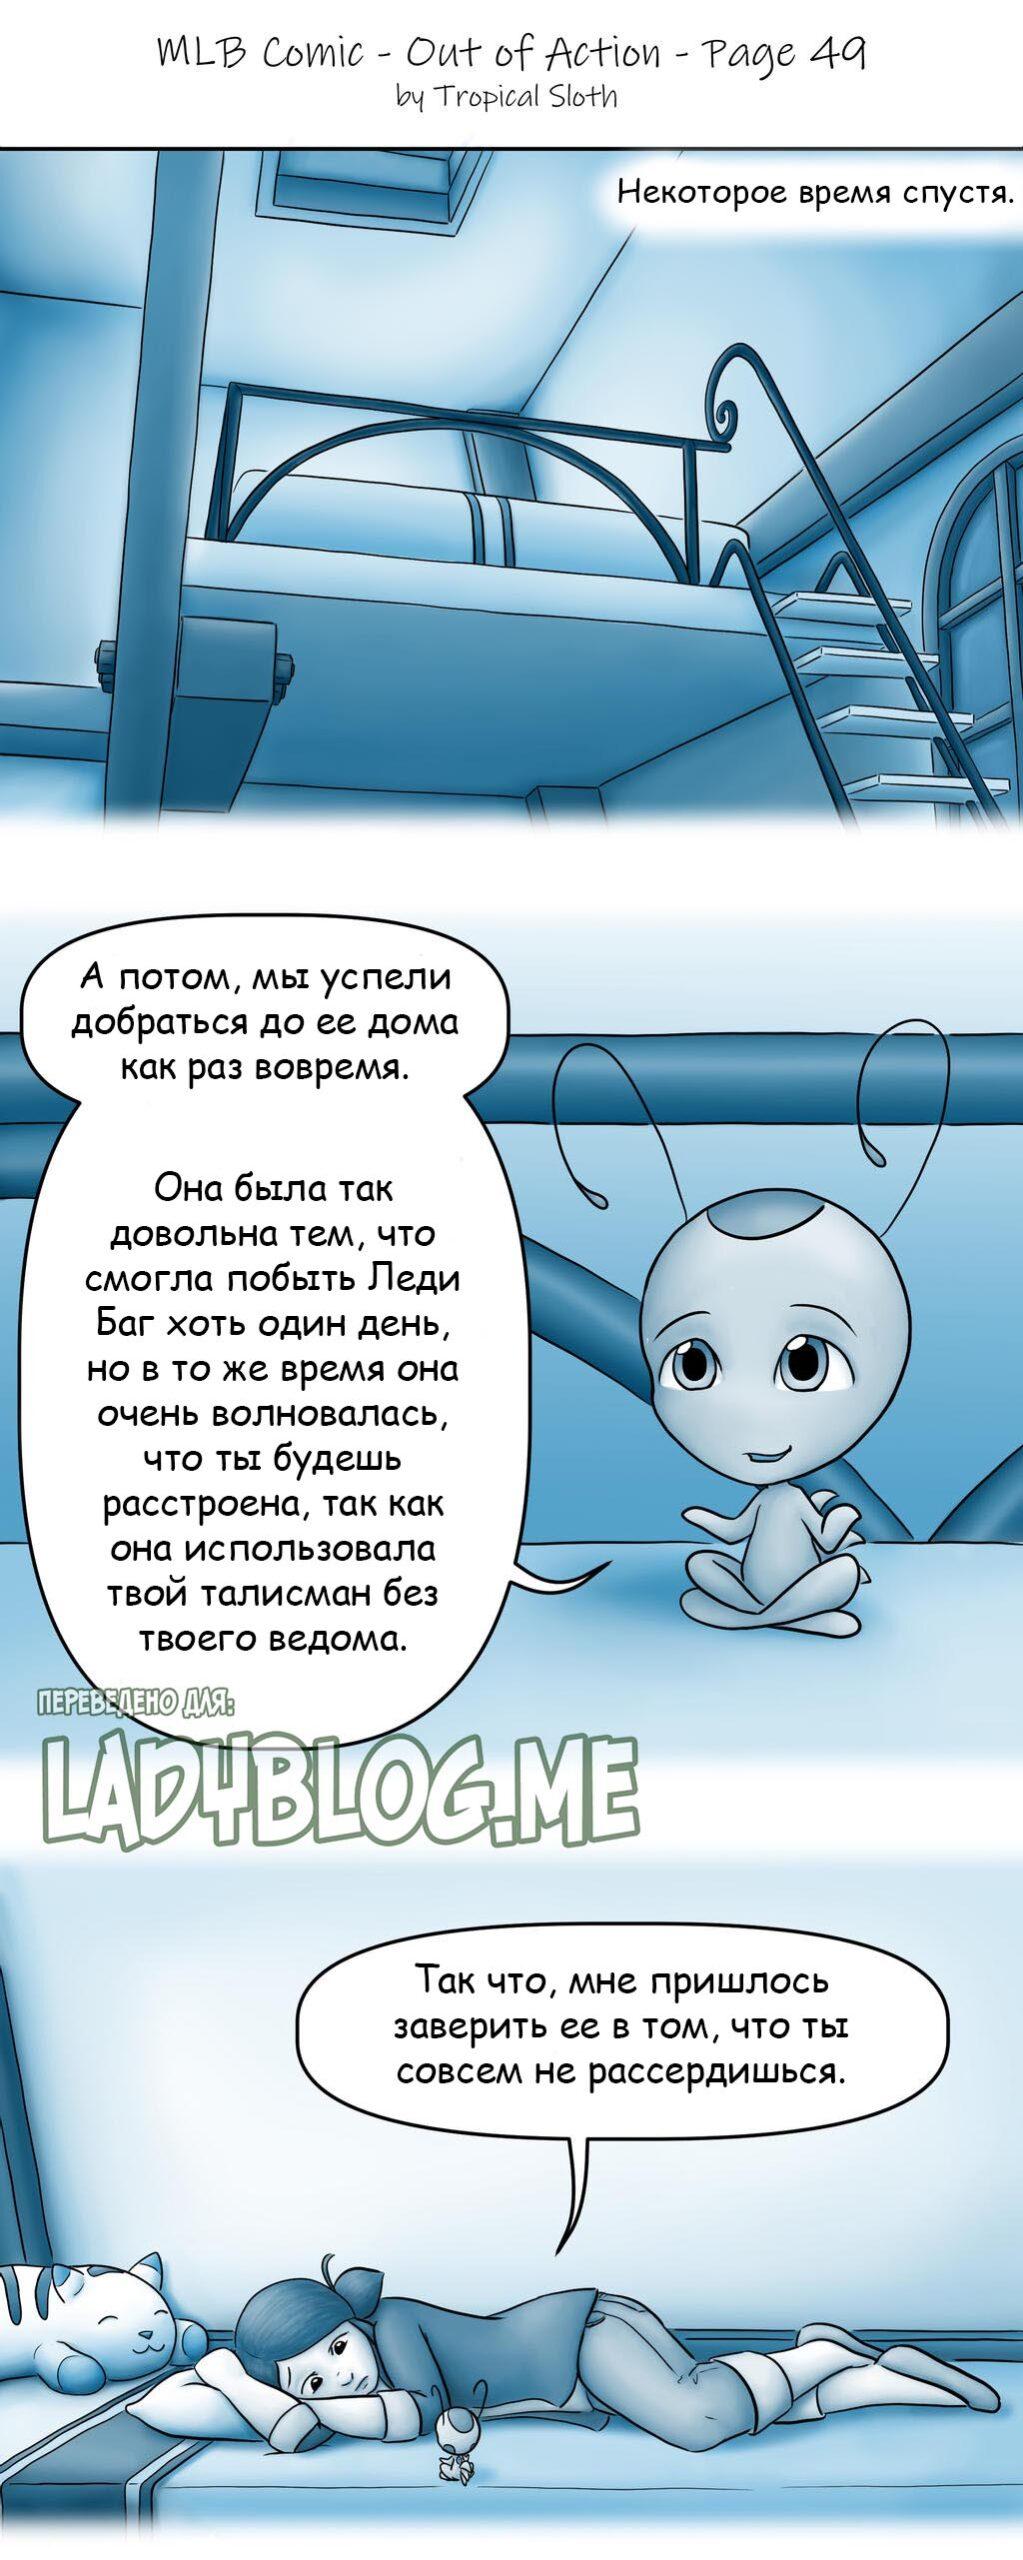 Комикс Леди Баг и Супер-Кот Вне игры 49-1